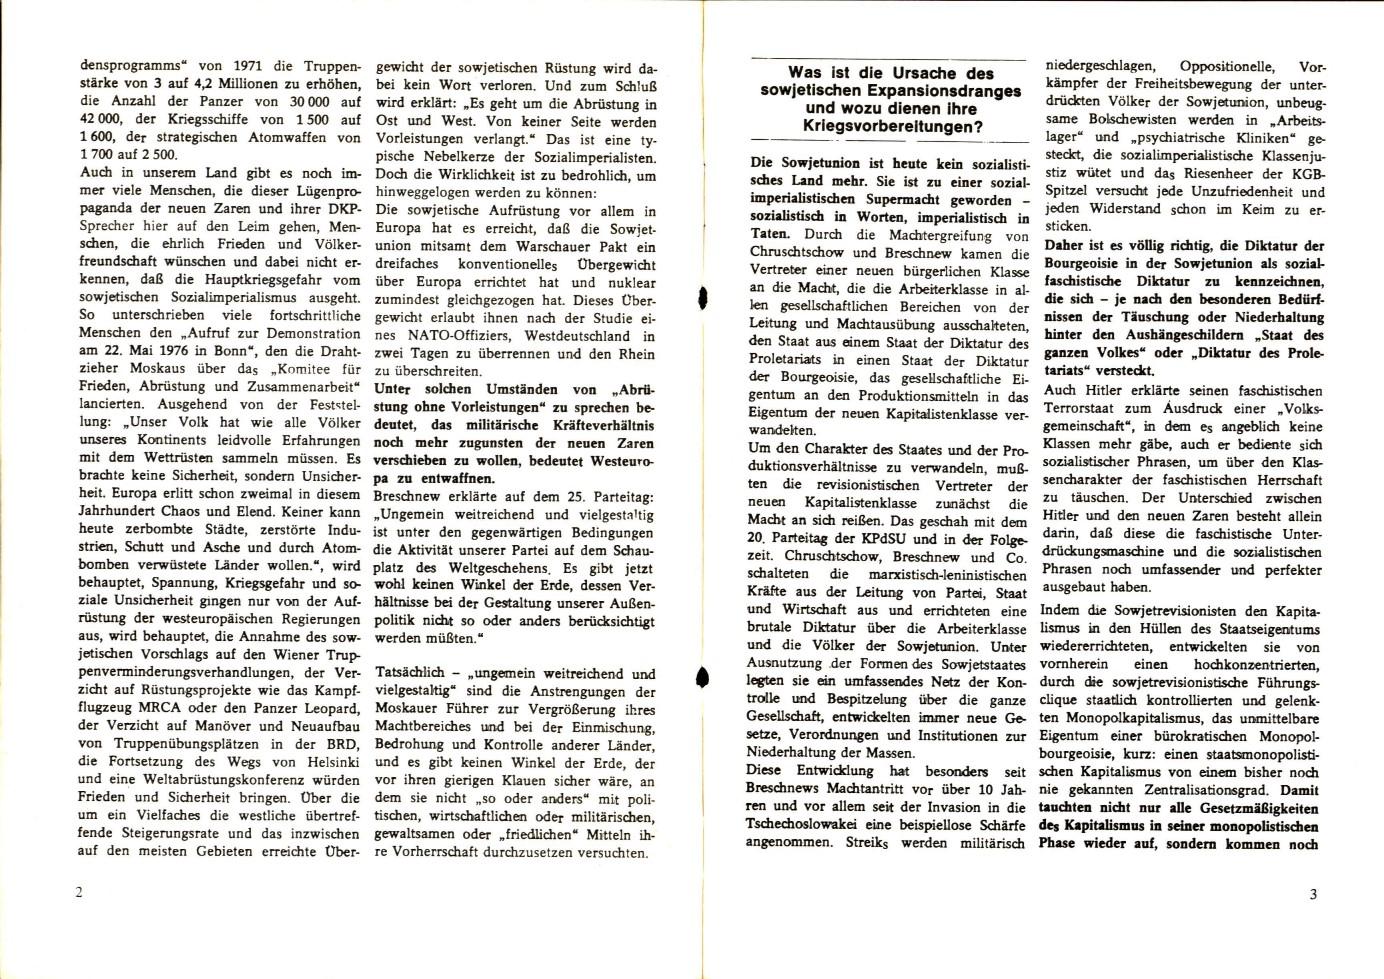 KPDAO_1976_Artikel_DKP_Breschnew_03